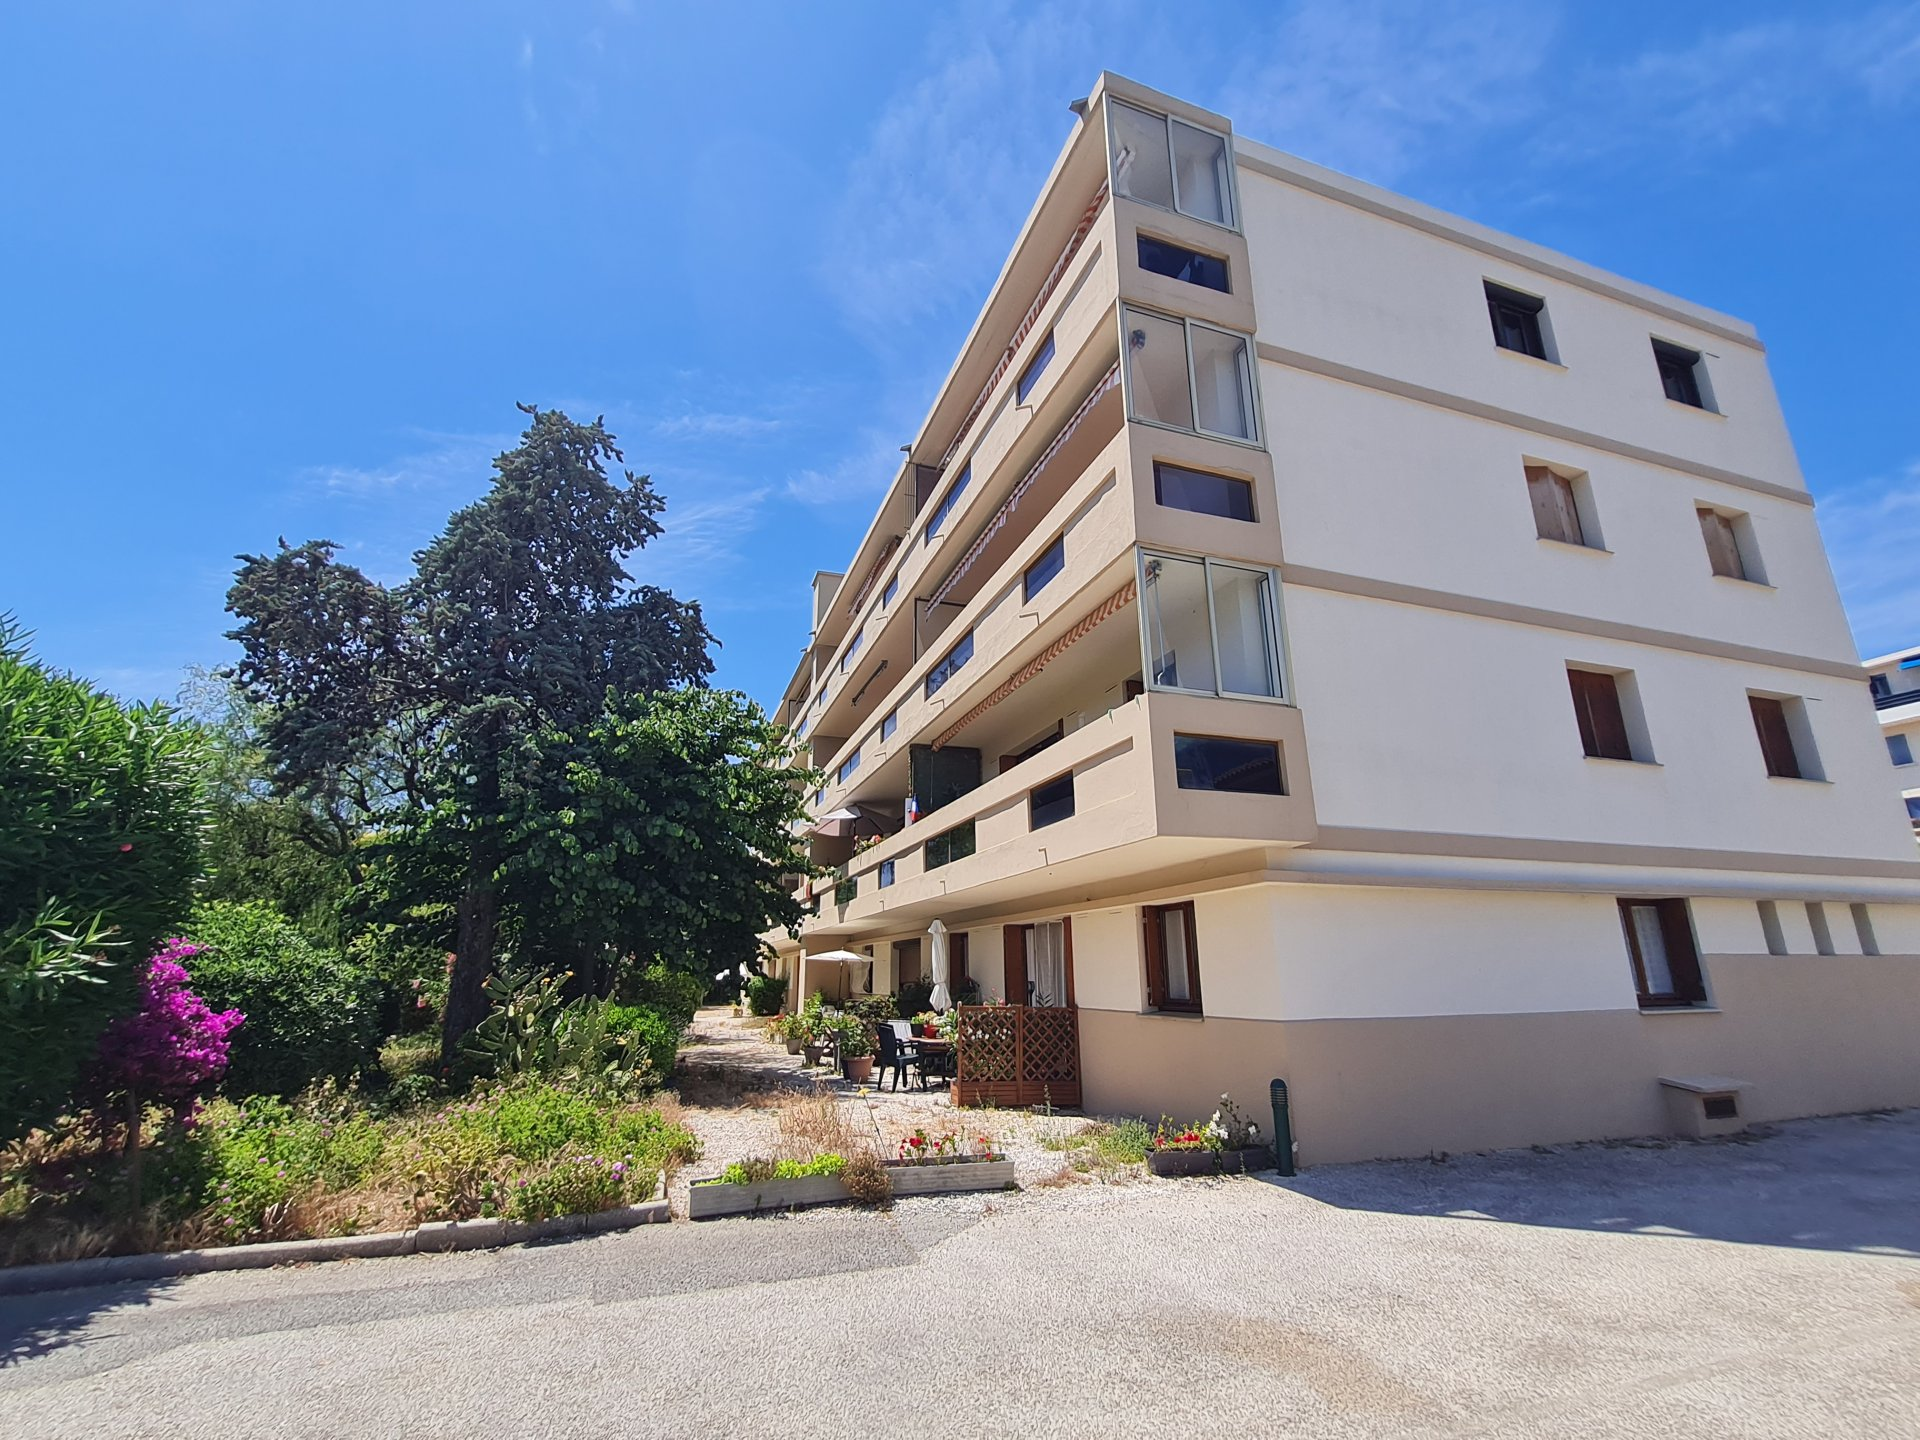 Appartement T4 au calme proche centre ville avec parking + cave